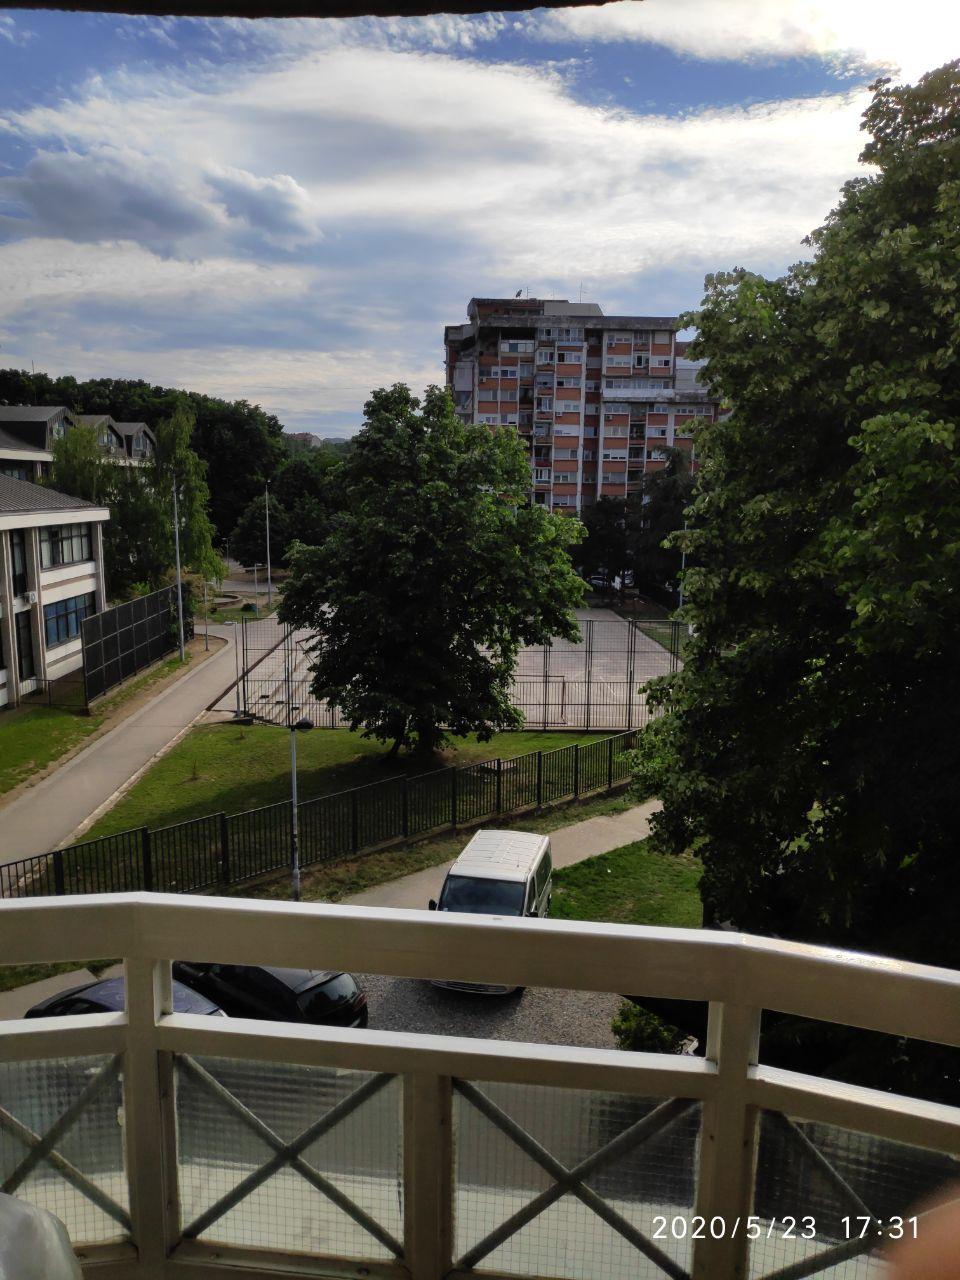 Mijenjam uz doplatu trosoban stan u Beogradu za stan na moru